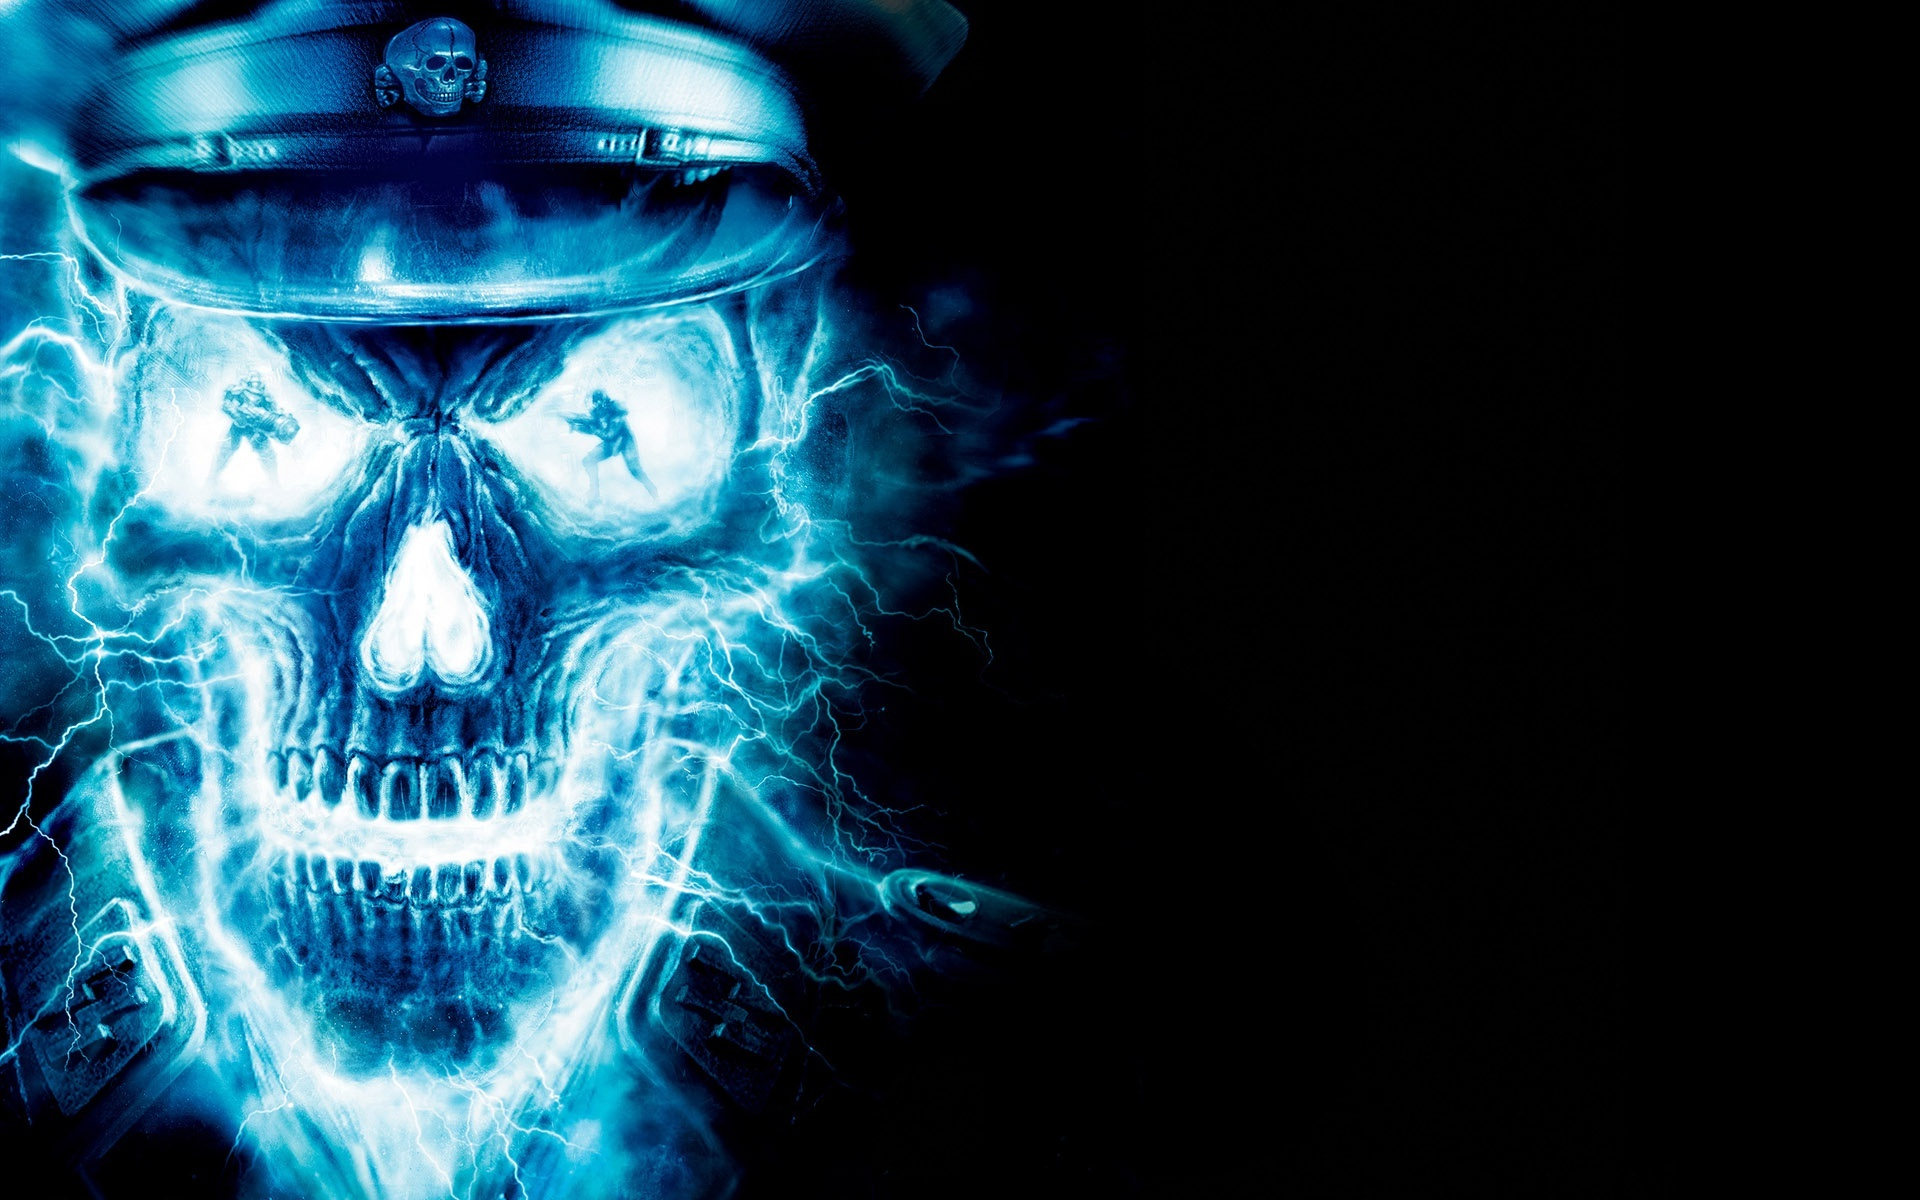 Dark Skull Wallpaper widescreen ImageBankbiz 1920x1200